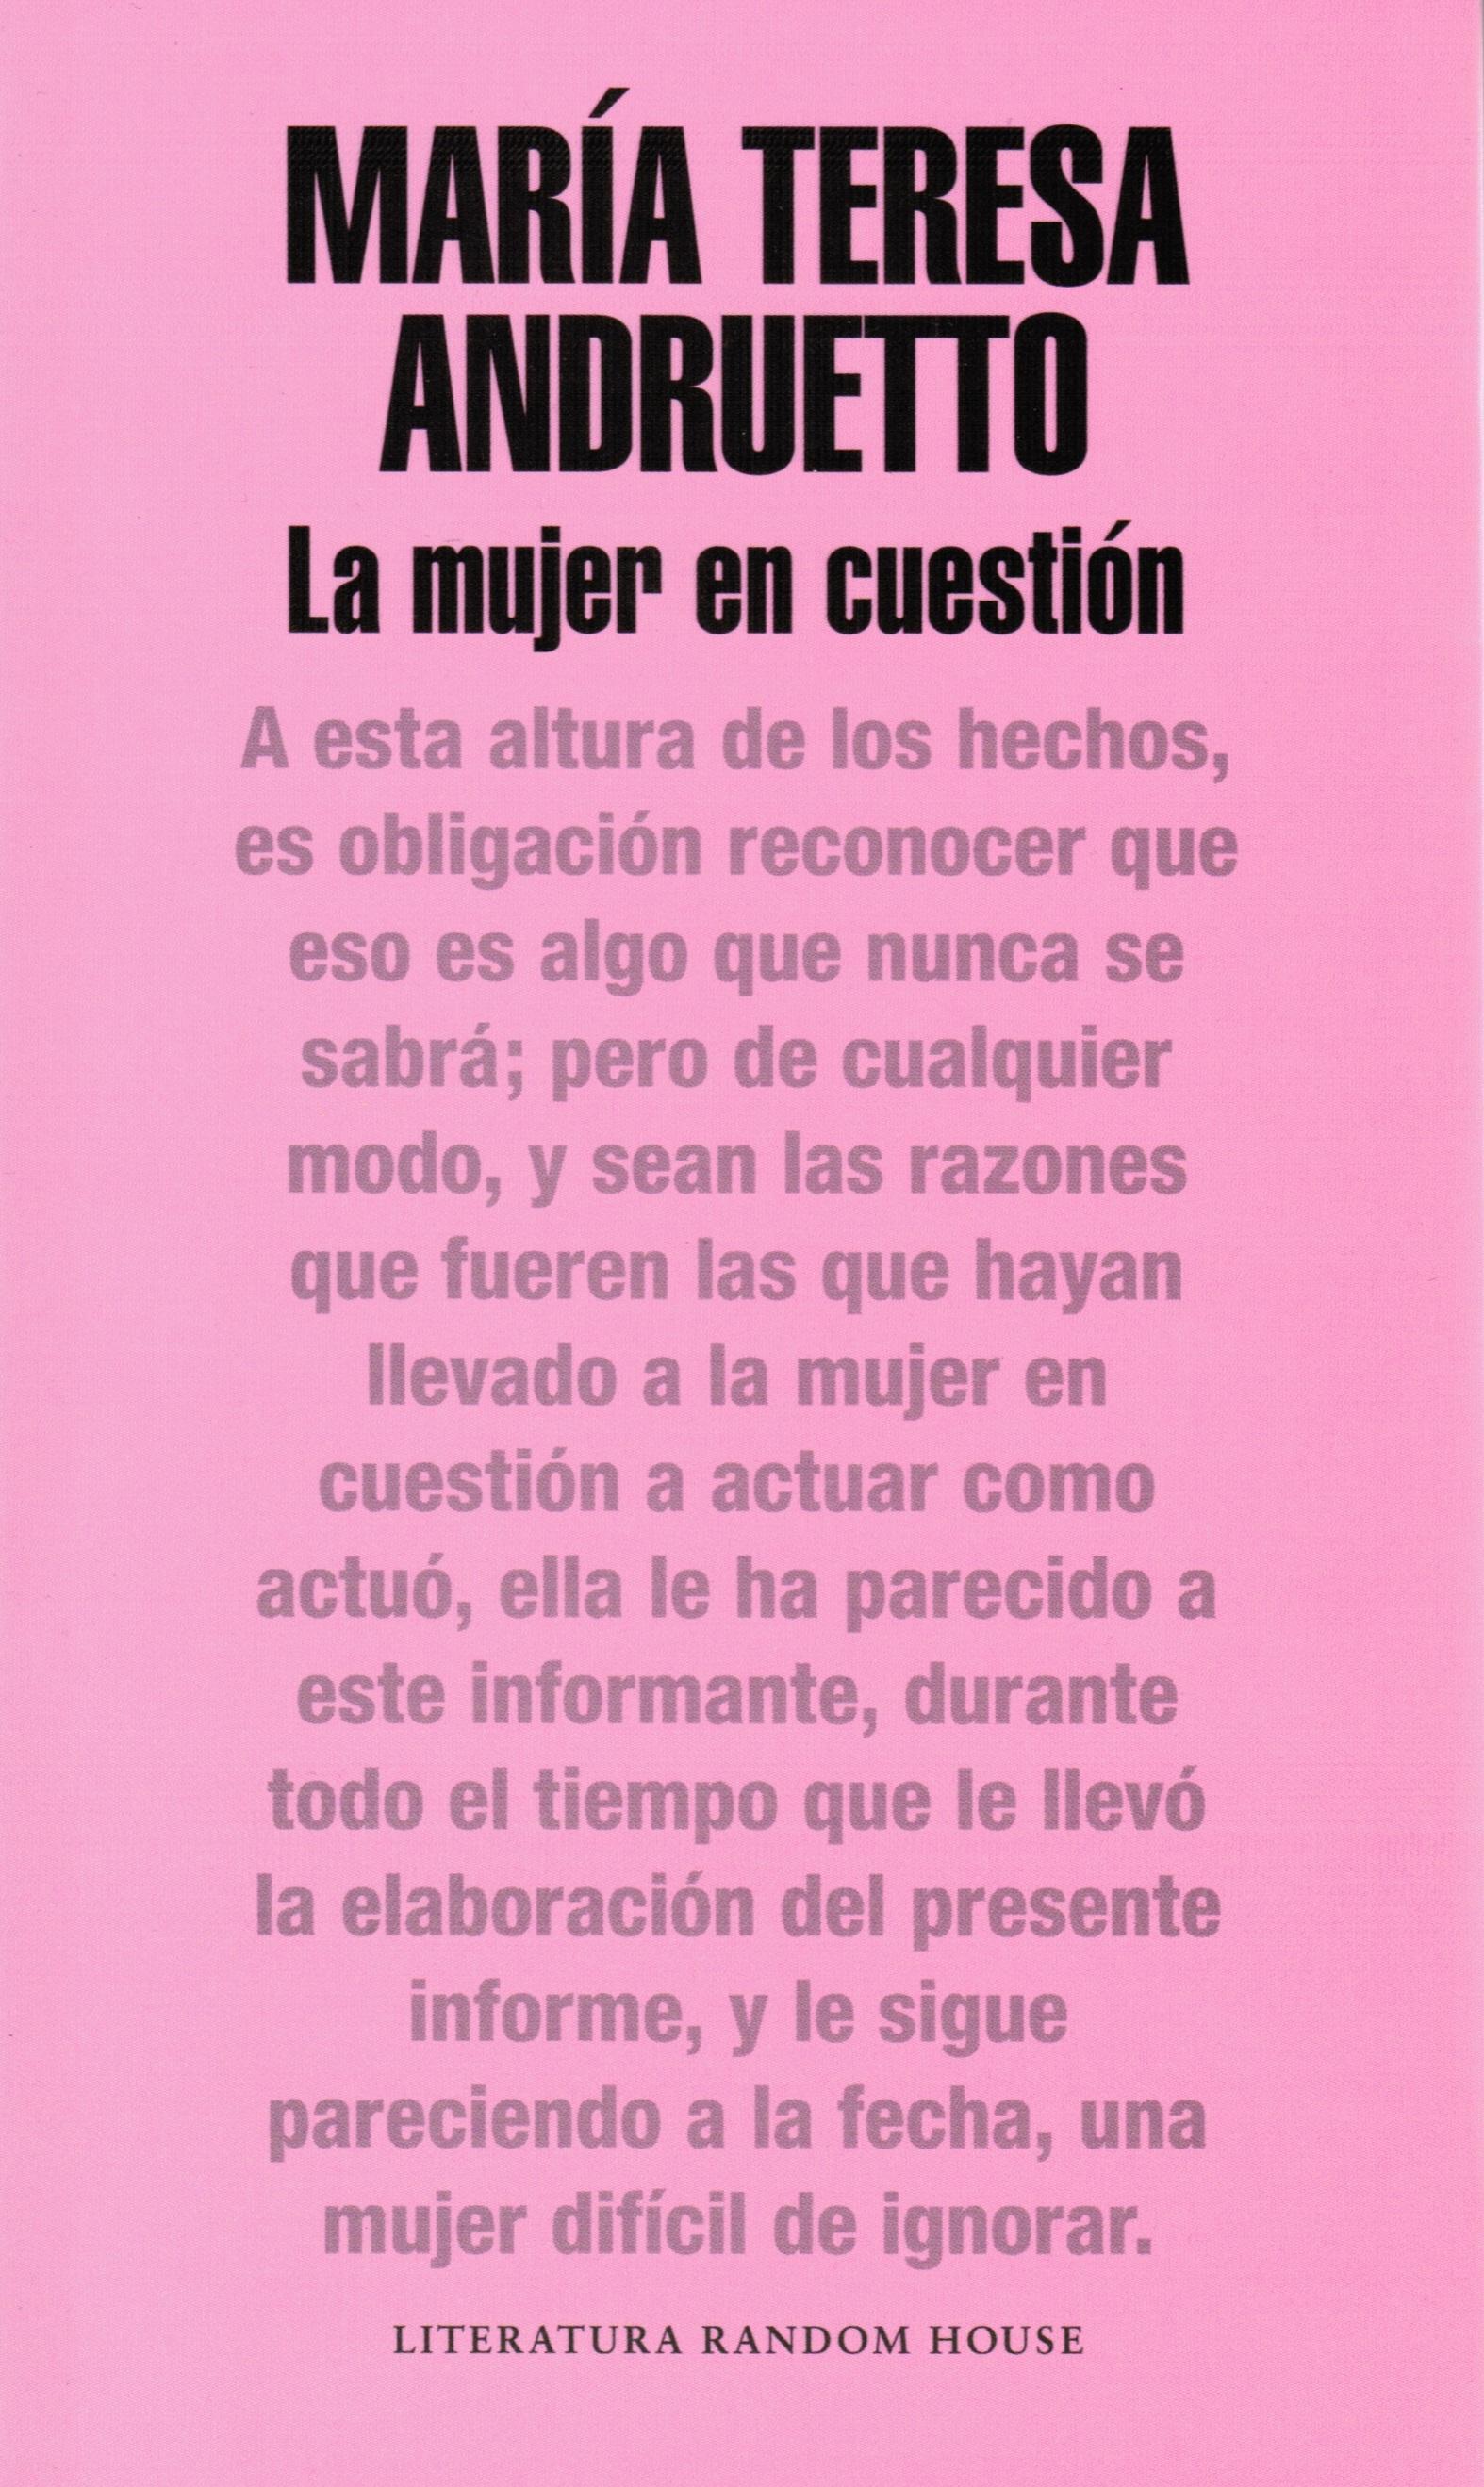 The woman in question (La mujer en cuestión)